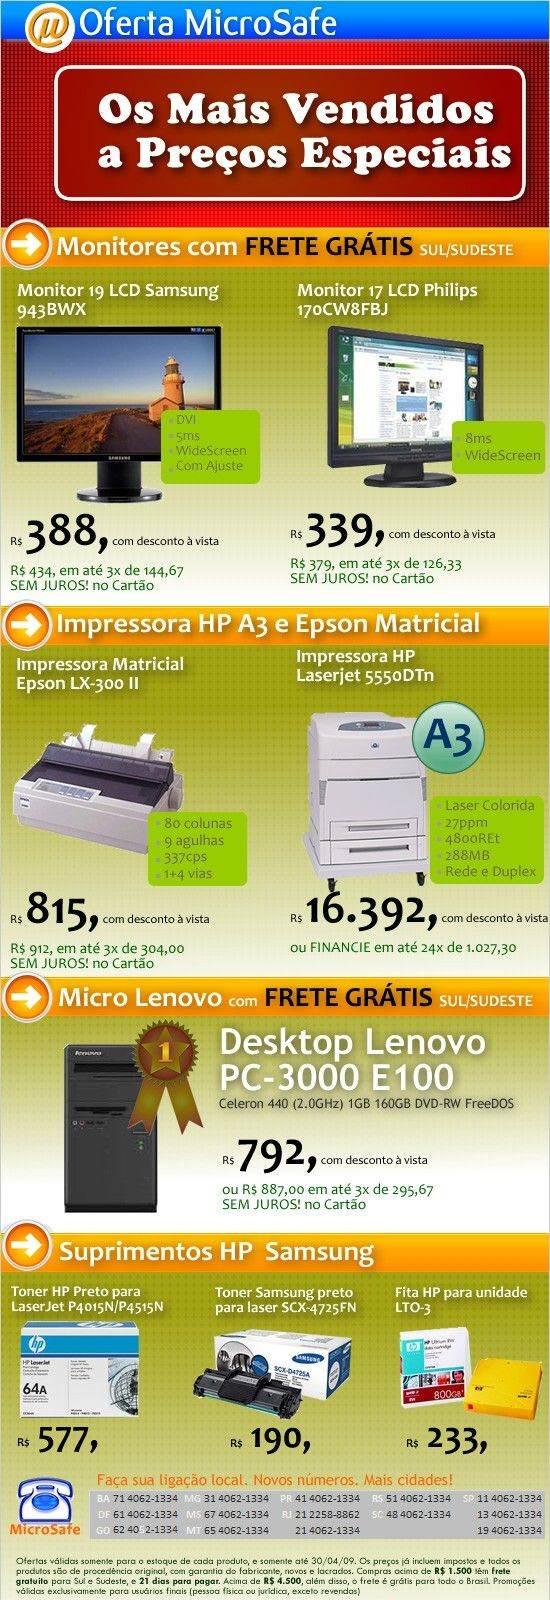 Os_ mais_ vendidos_da_MicroSafe_a_preços_especiais